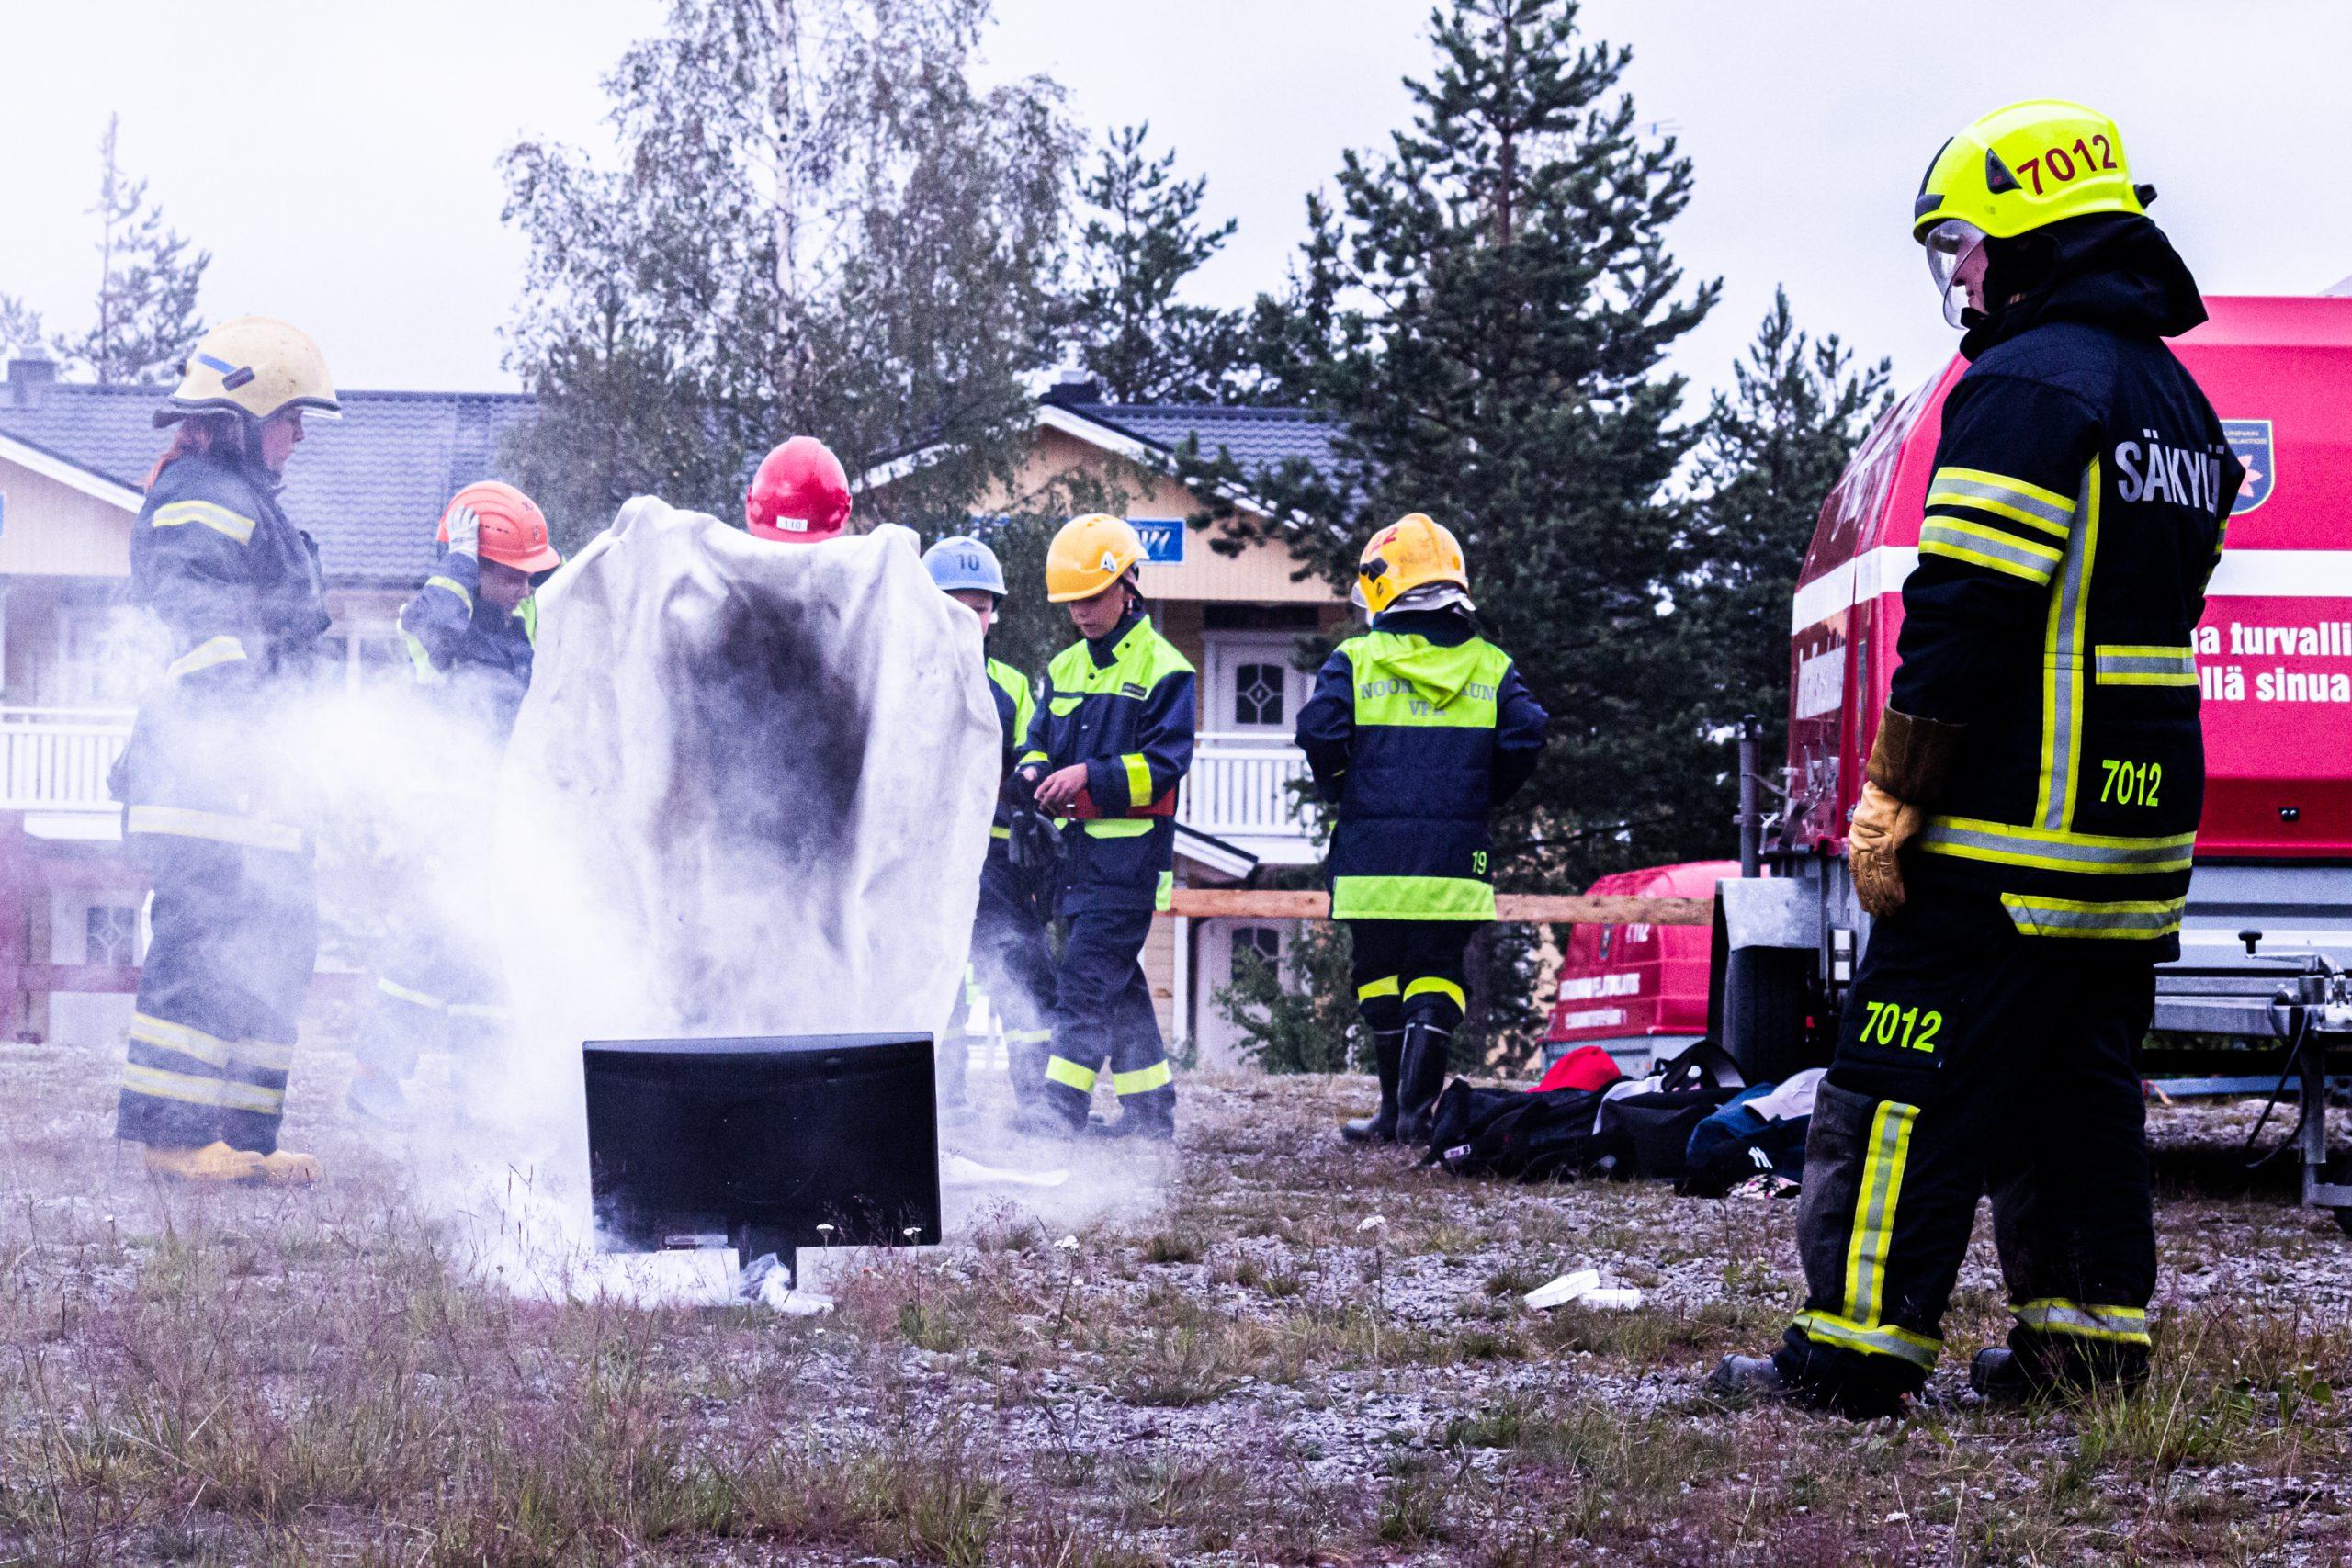 Palokuntanuoret harjoittelevat näytön alkusammutusta ulkona, aikuinen seuraa vieressä. (Kuva: LSPeL)